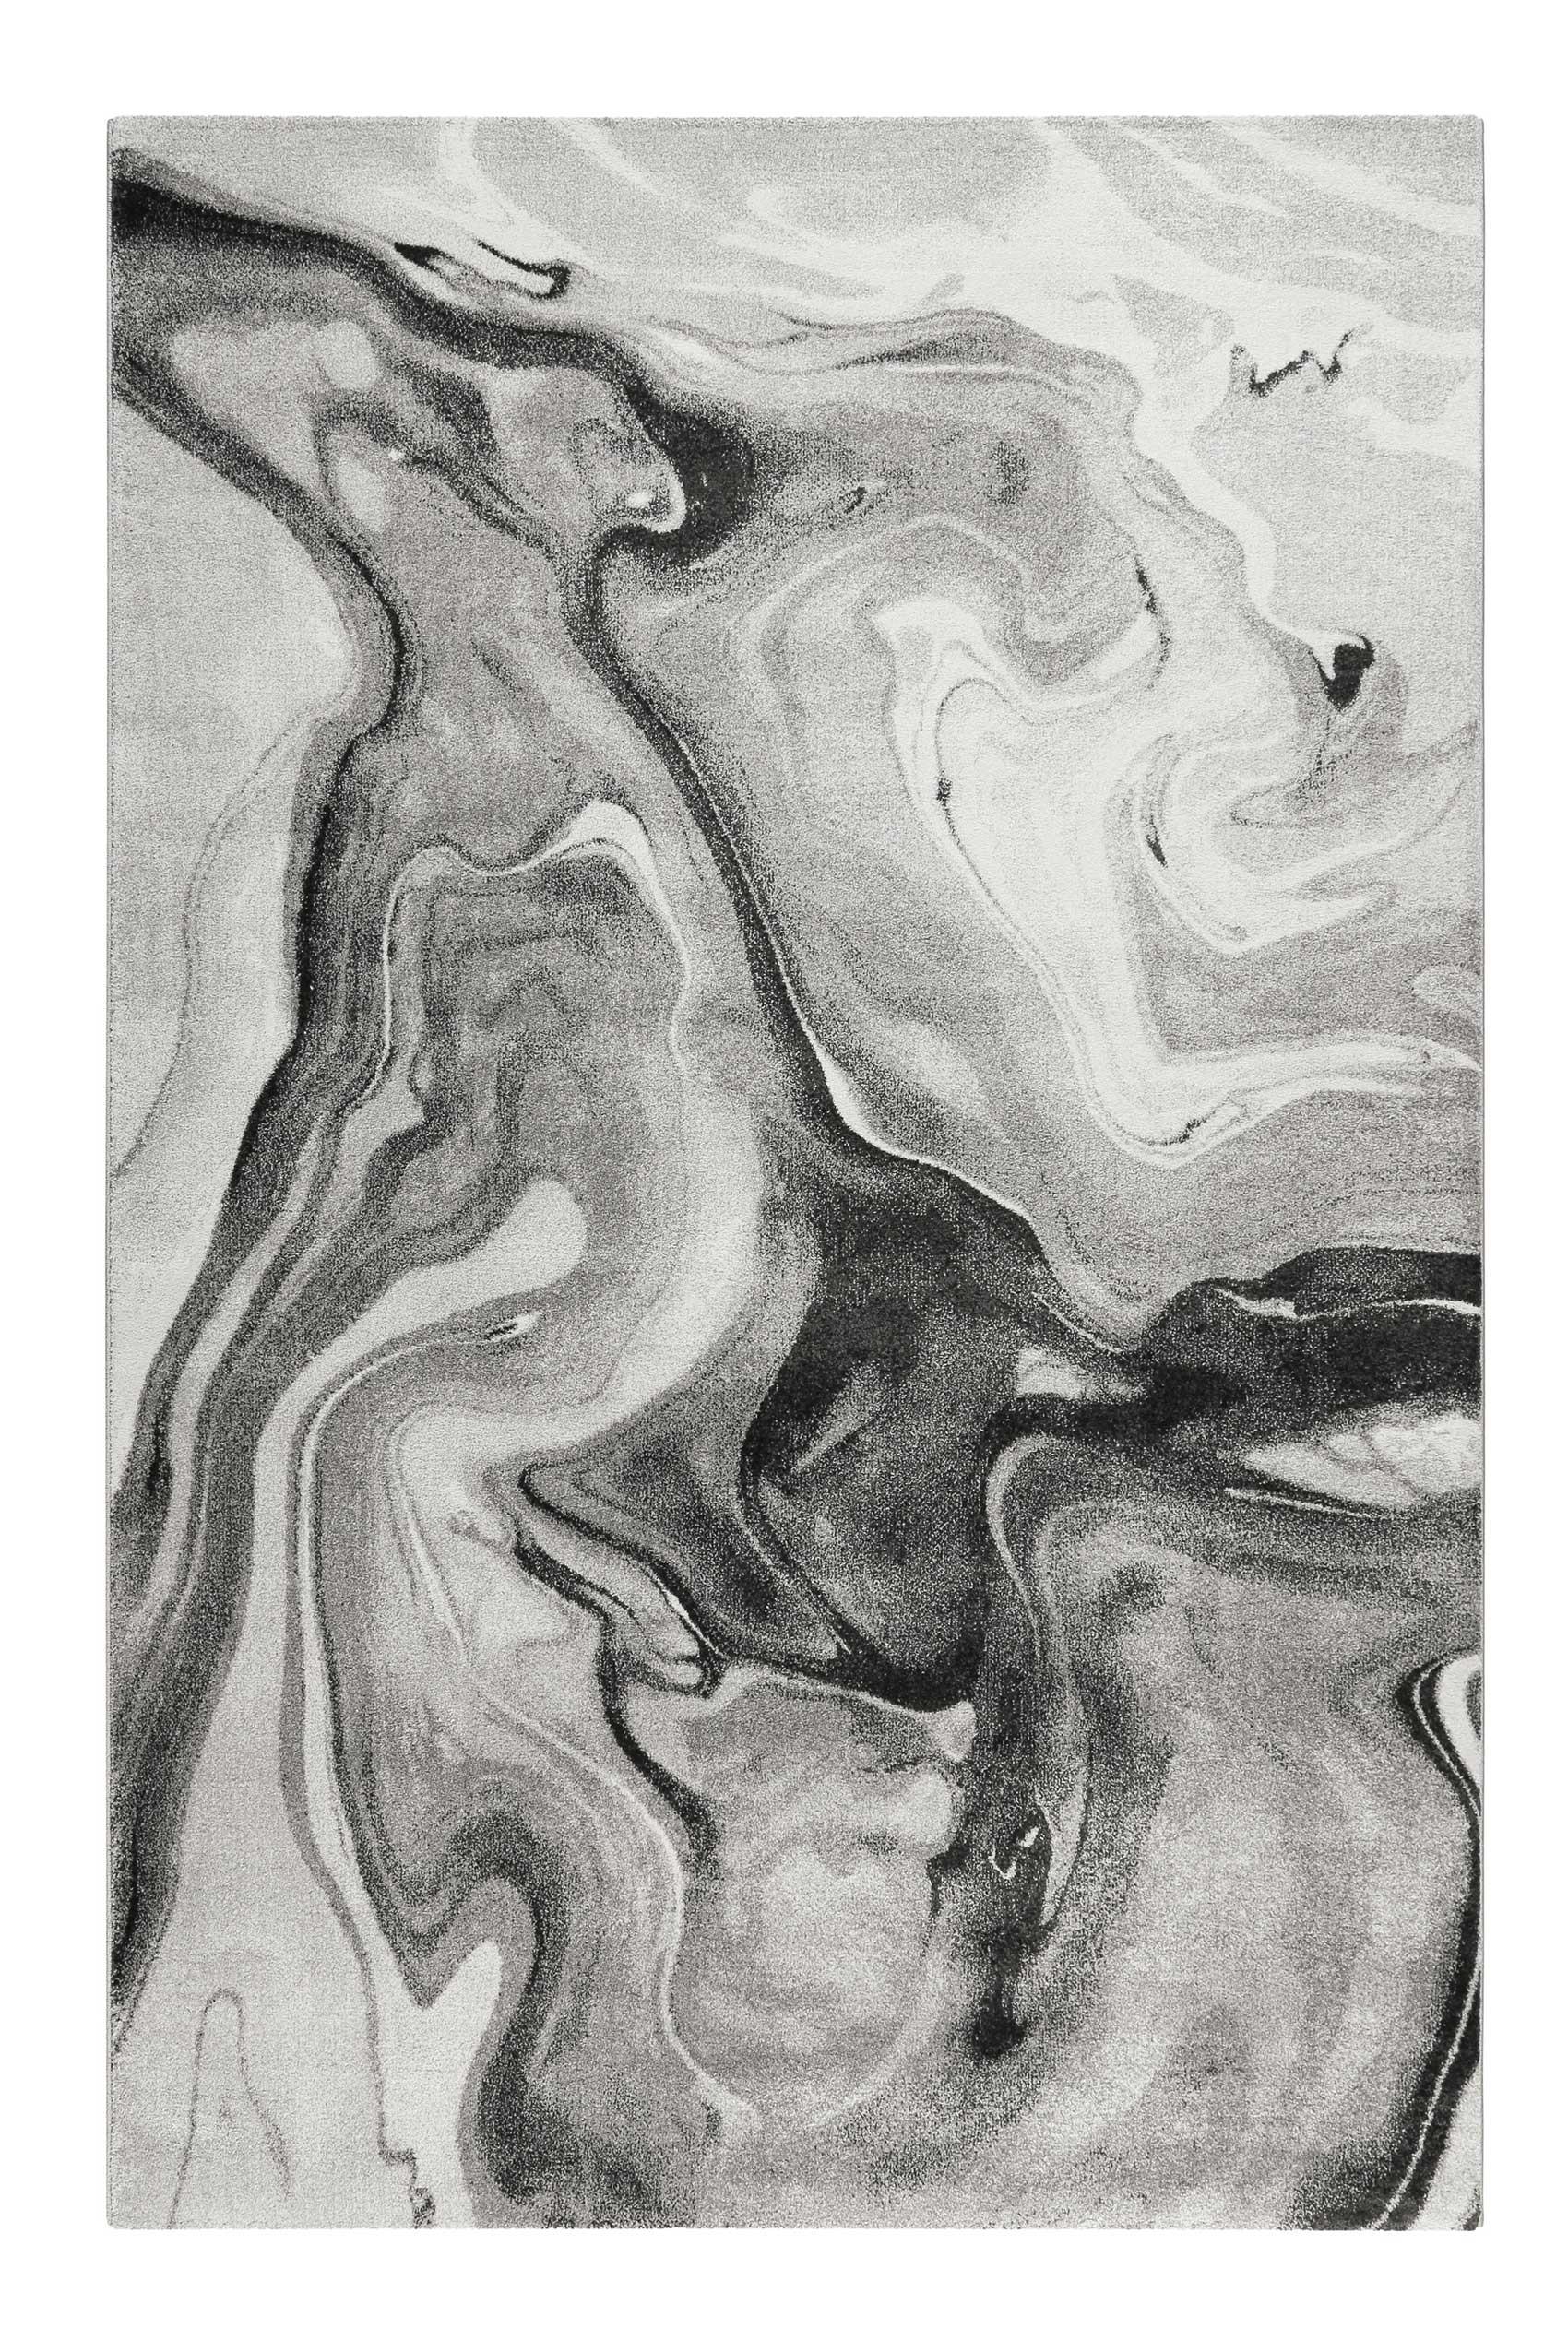 Tapis motif marbre nuances de gris pour salon, chambre 290x200